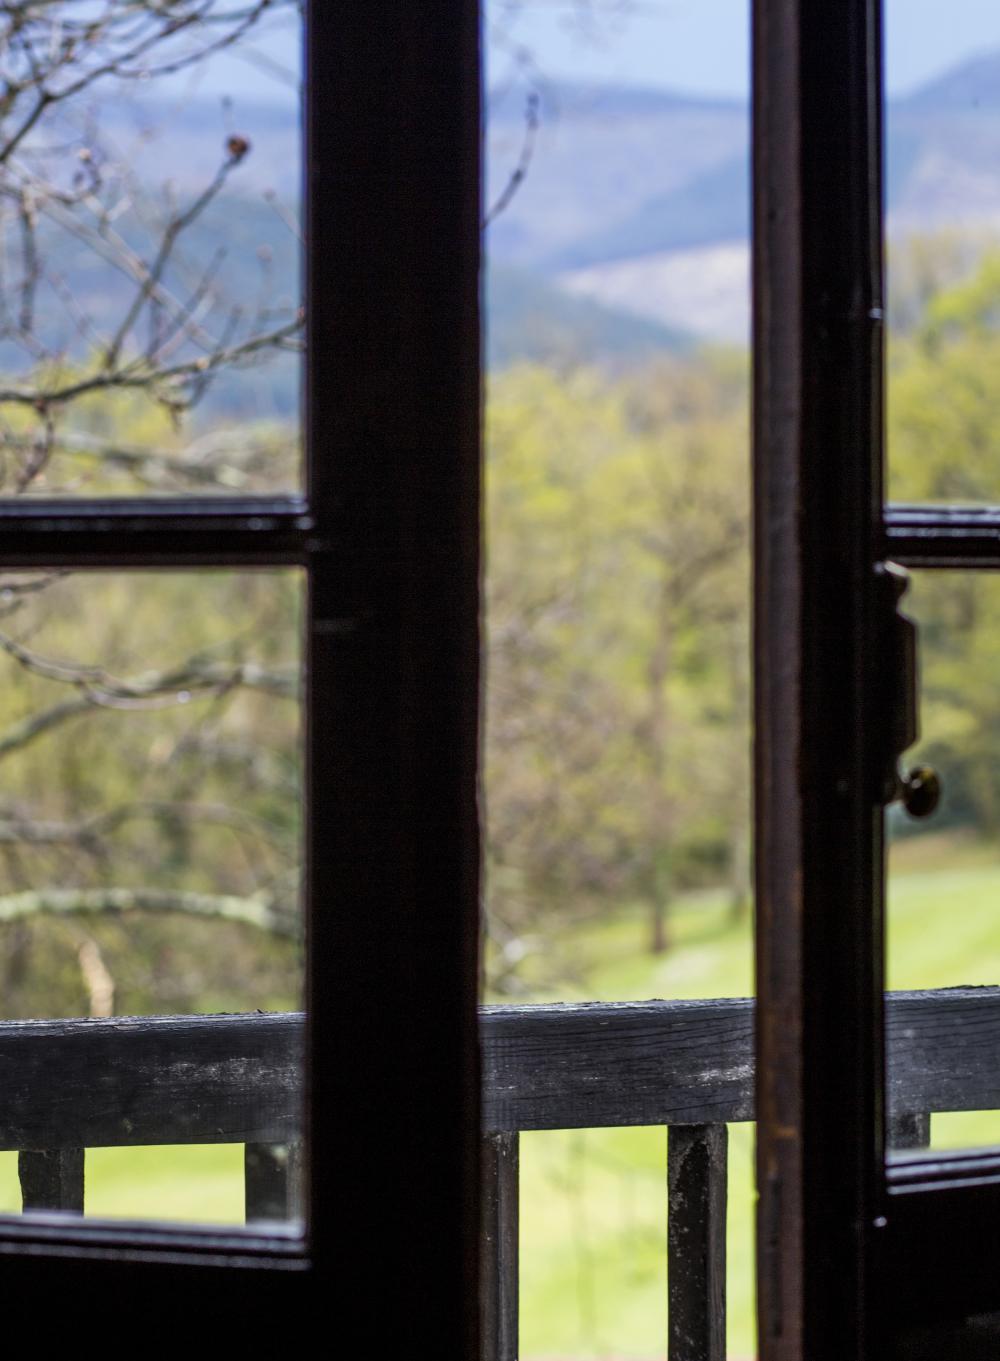 mirada desde el balcon